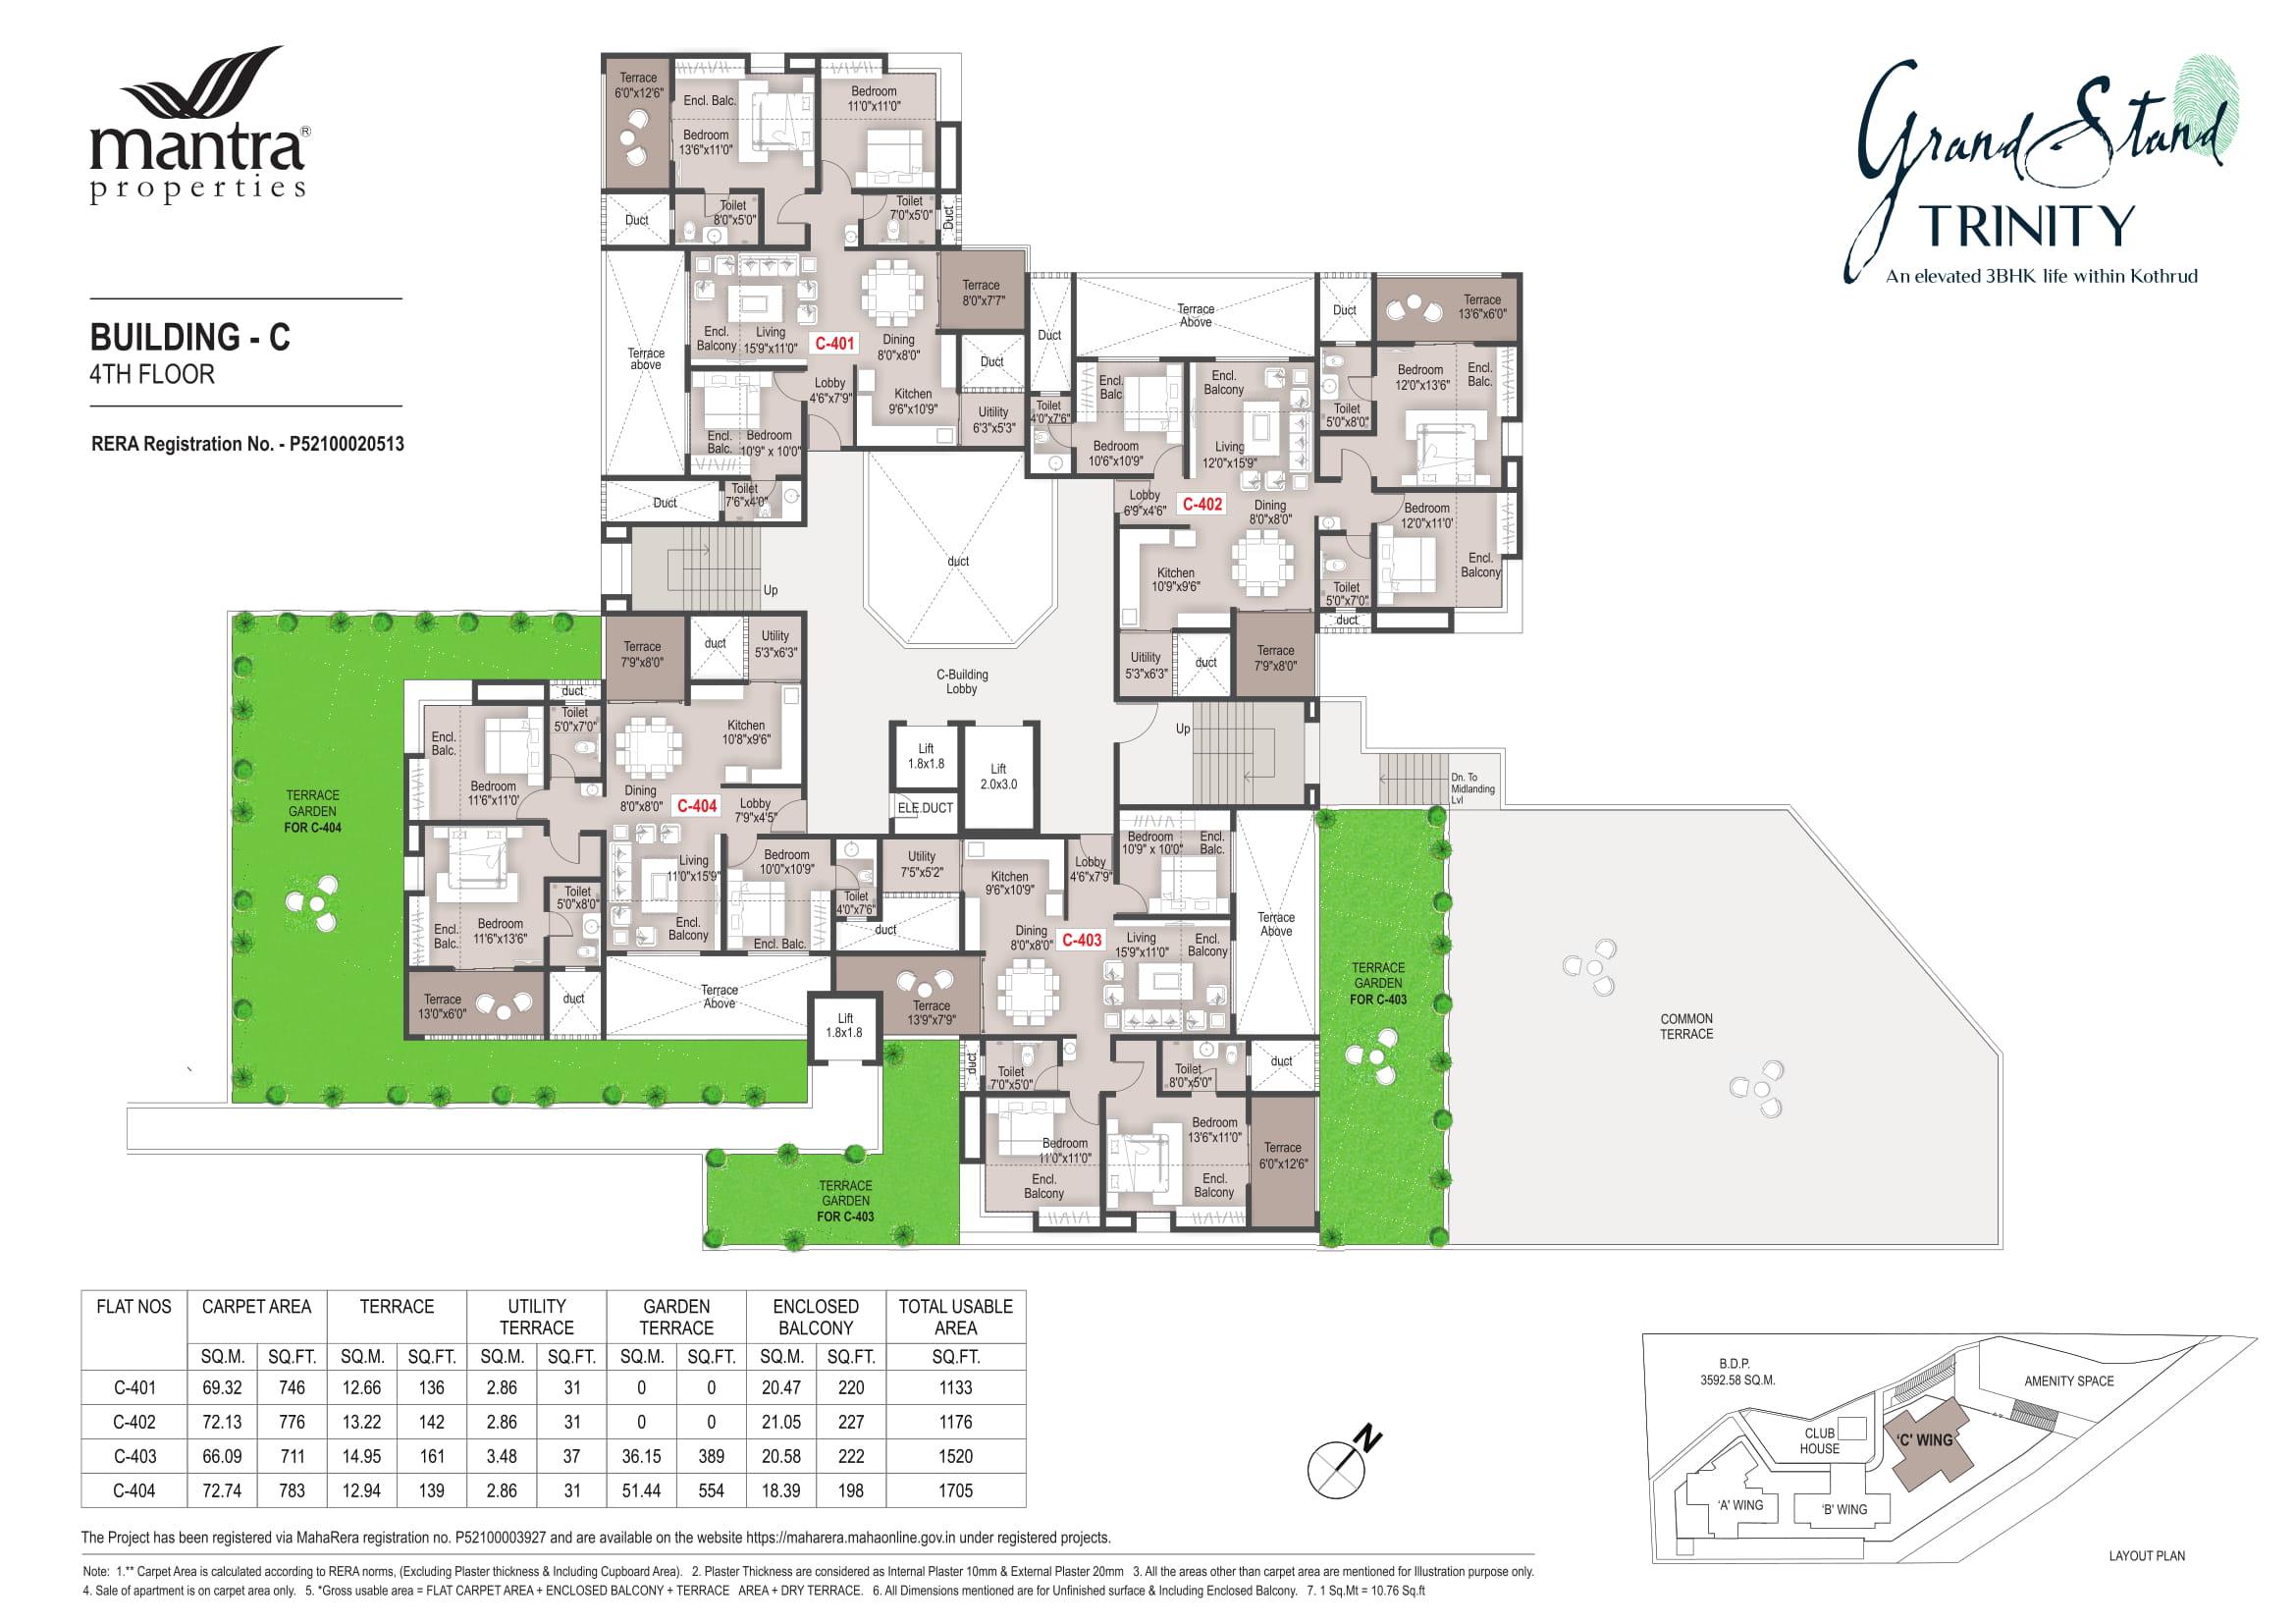 Grandstand Building - C Floor Plans-4